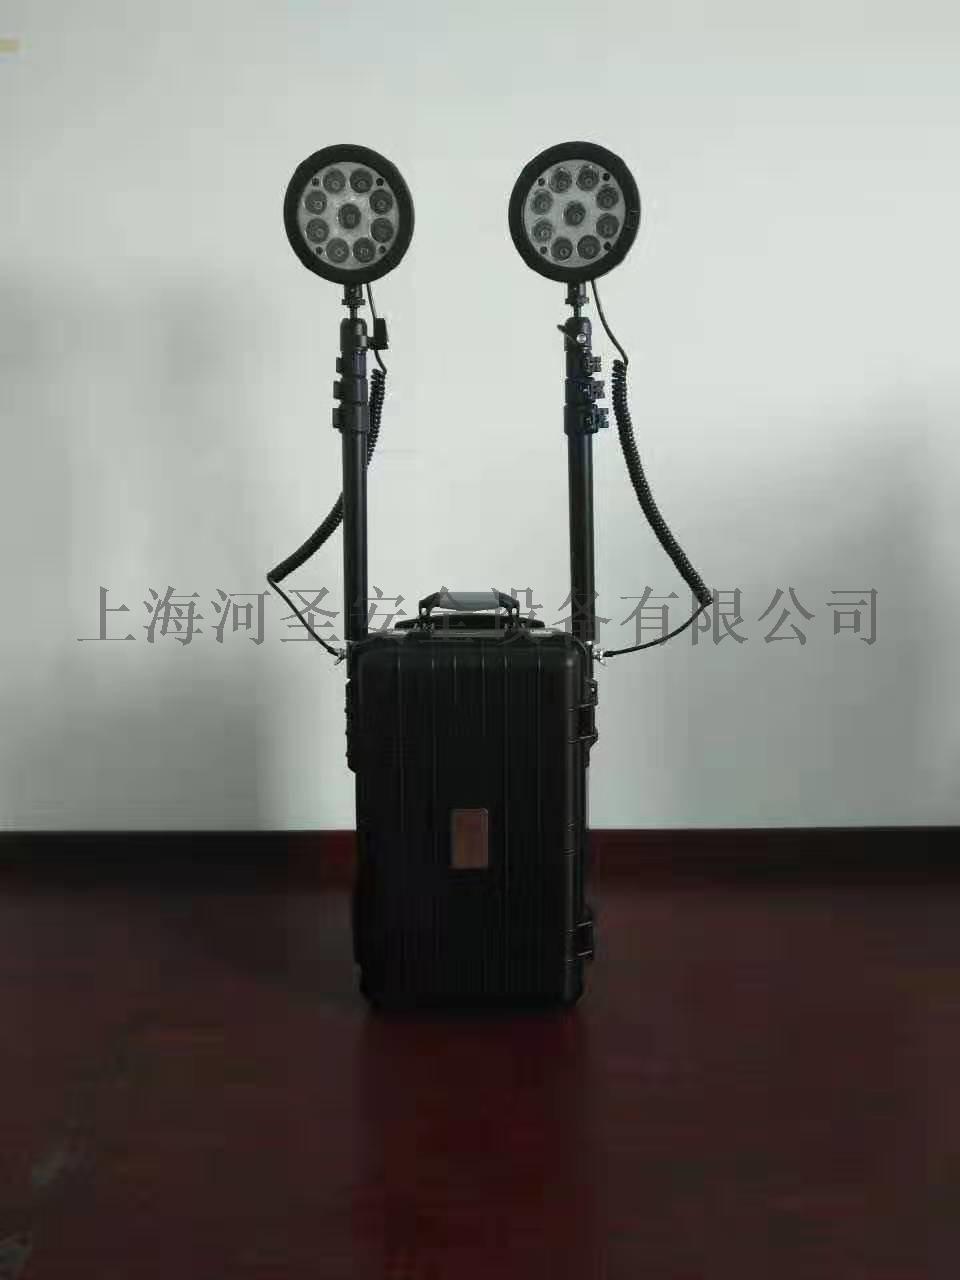 上海河圣便携式场地升降照明灯108407132